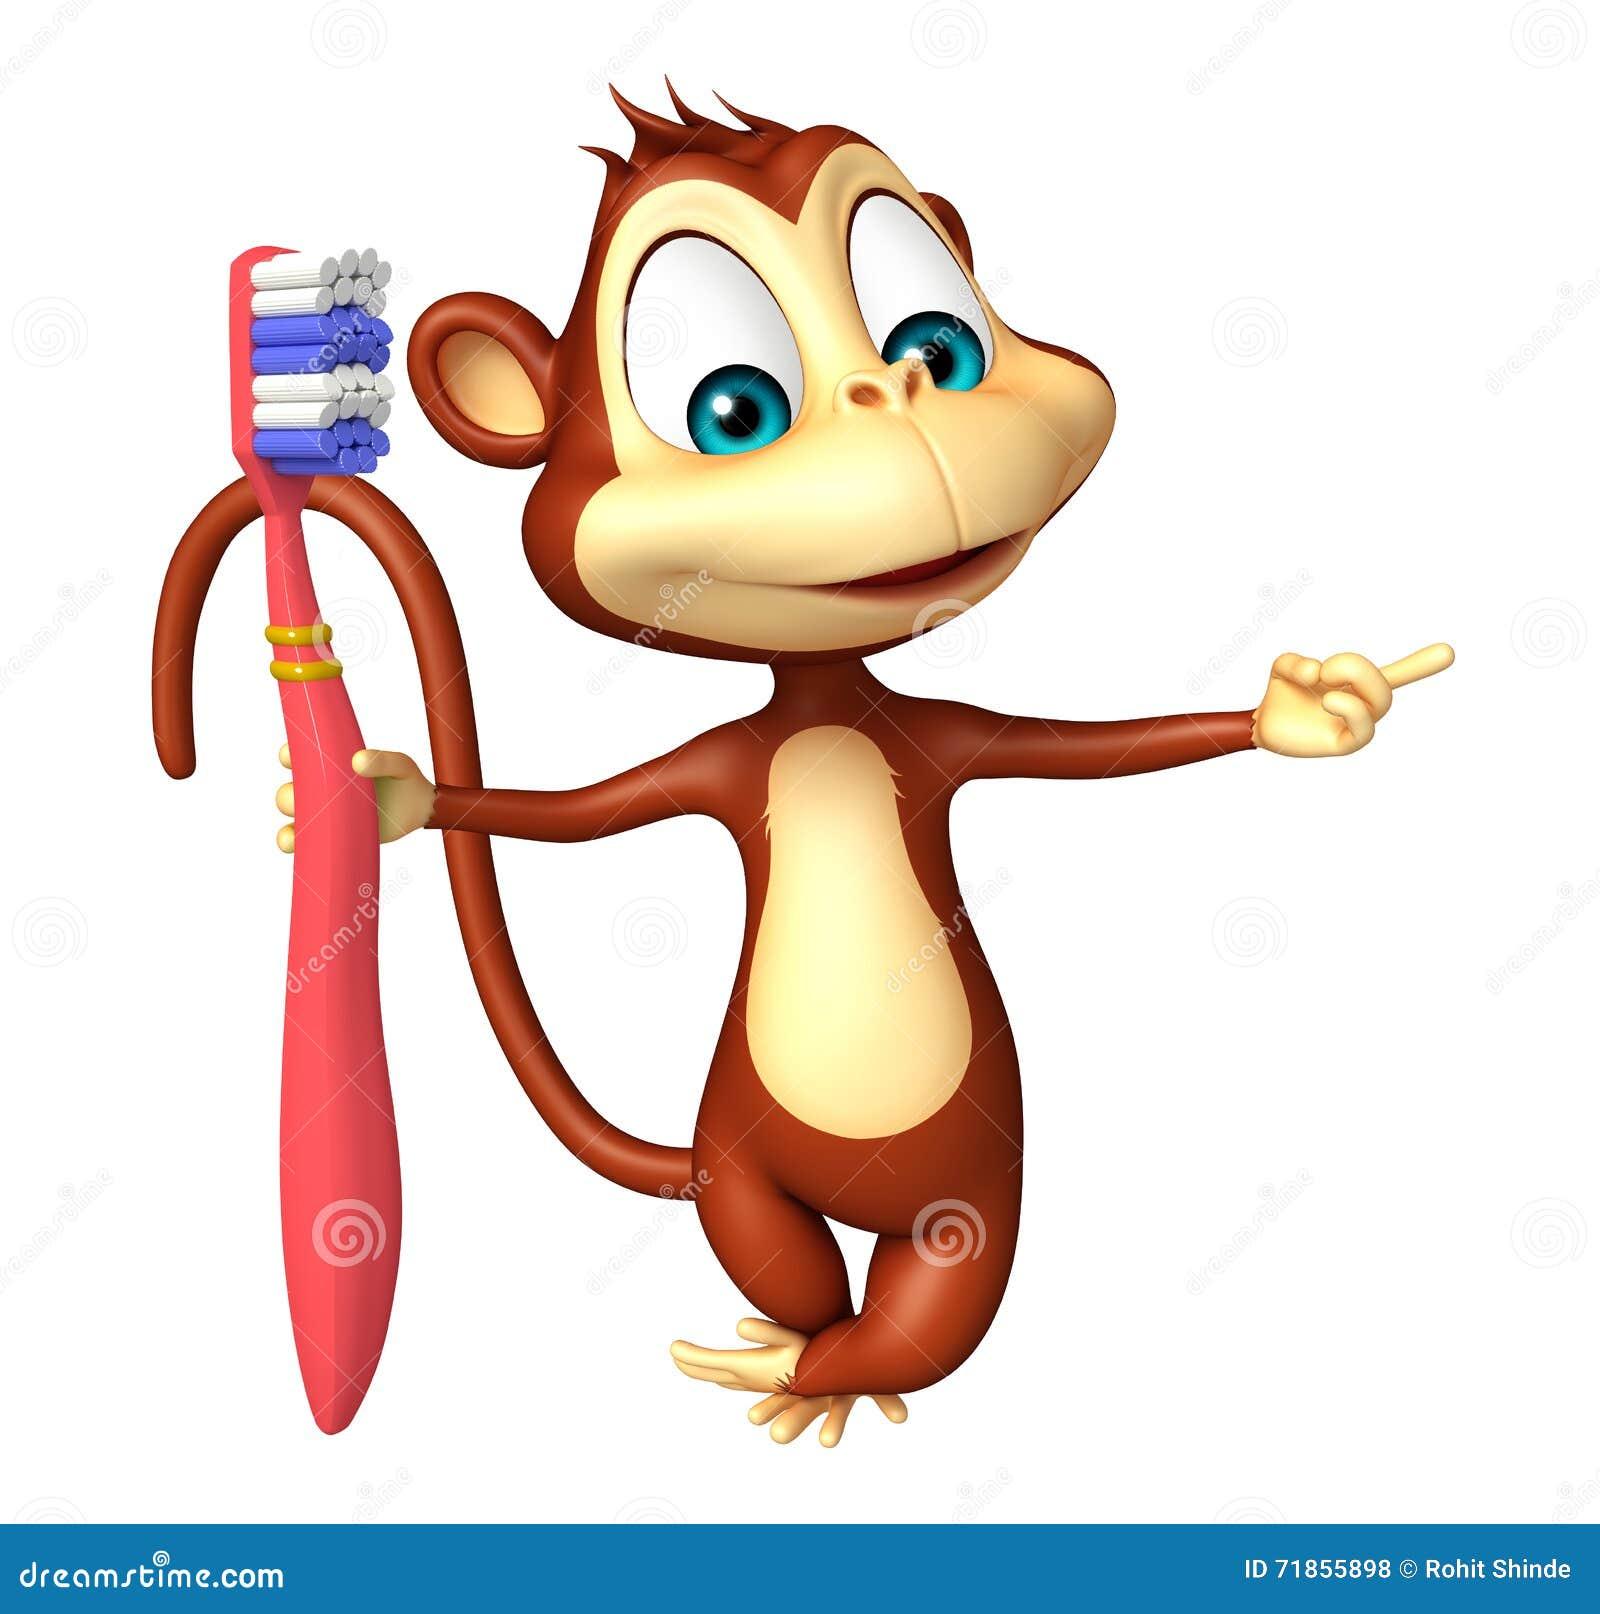 Personaje de dibujos animados del mono la diversión con